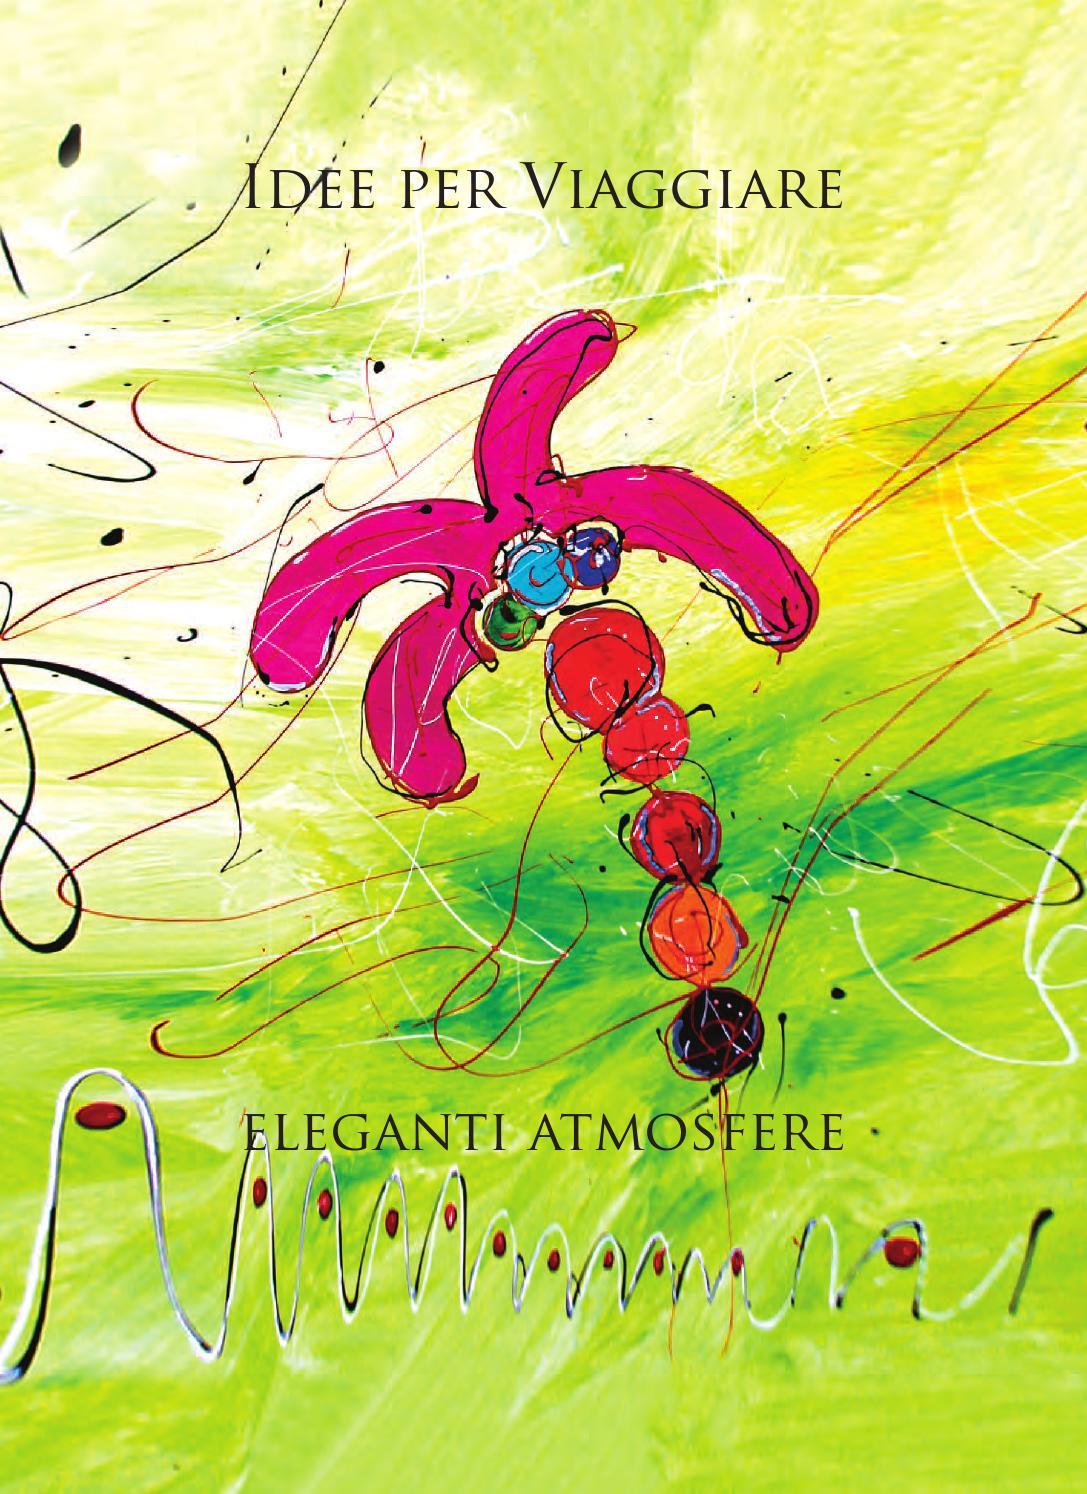 Eleganti Atmosfere by Idee per Viaggiare by Idee per Viaggiare - issuu 423e715cbc21